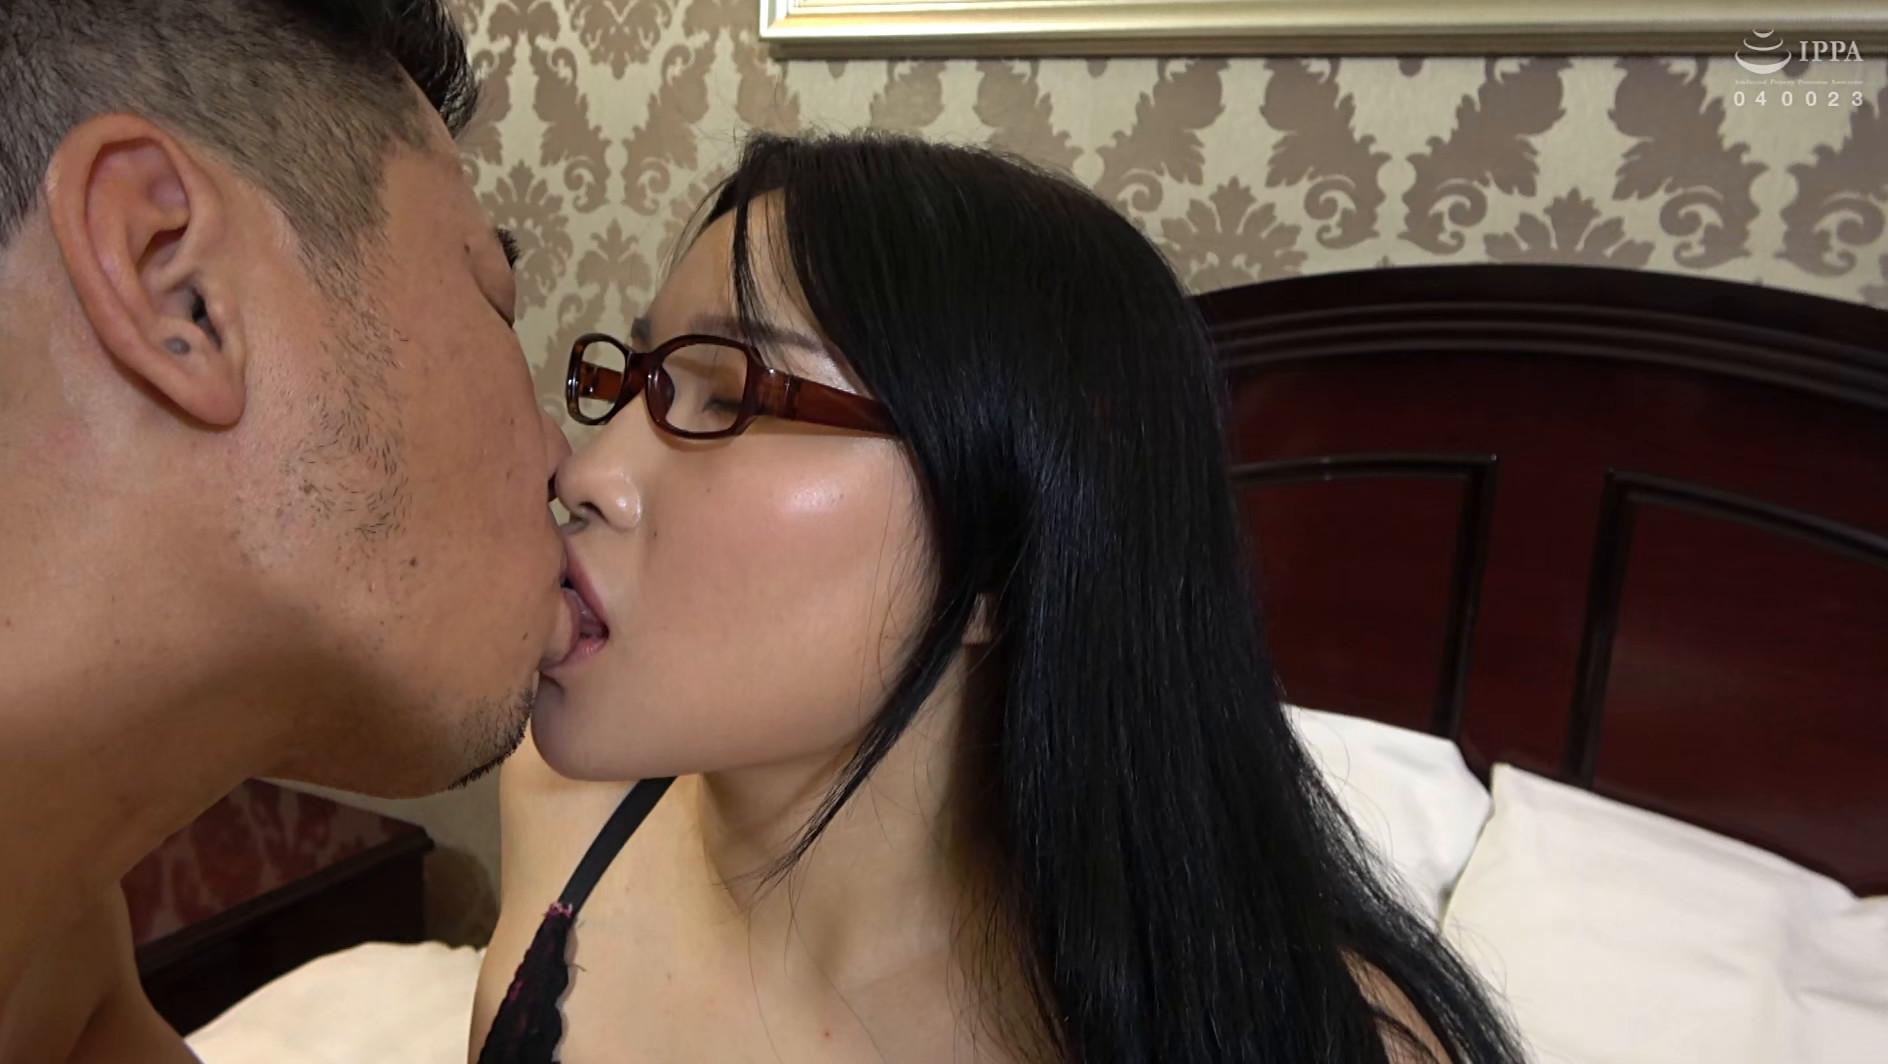 韓国で見つけた彼女。不思議系で地味な彼女は、執拗な責めと羞恥プレイでアクメ顔を晒しながらチ●ポをしゃぶる!アイドル級のビジュアルとスタイル抜群のカラダをハメ倒す! アラン&ヨルン 画像17